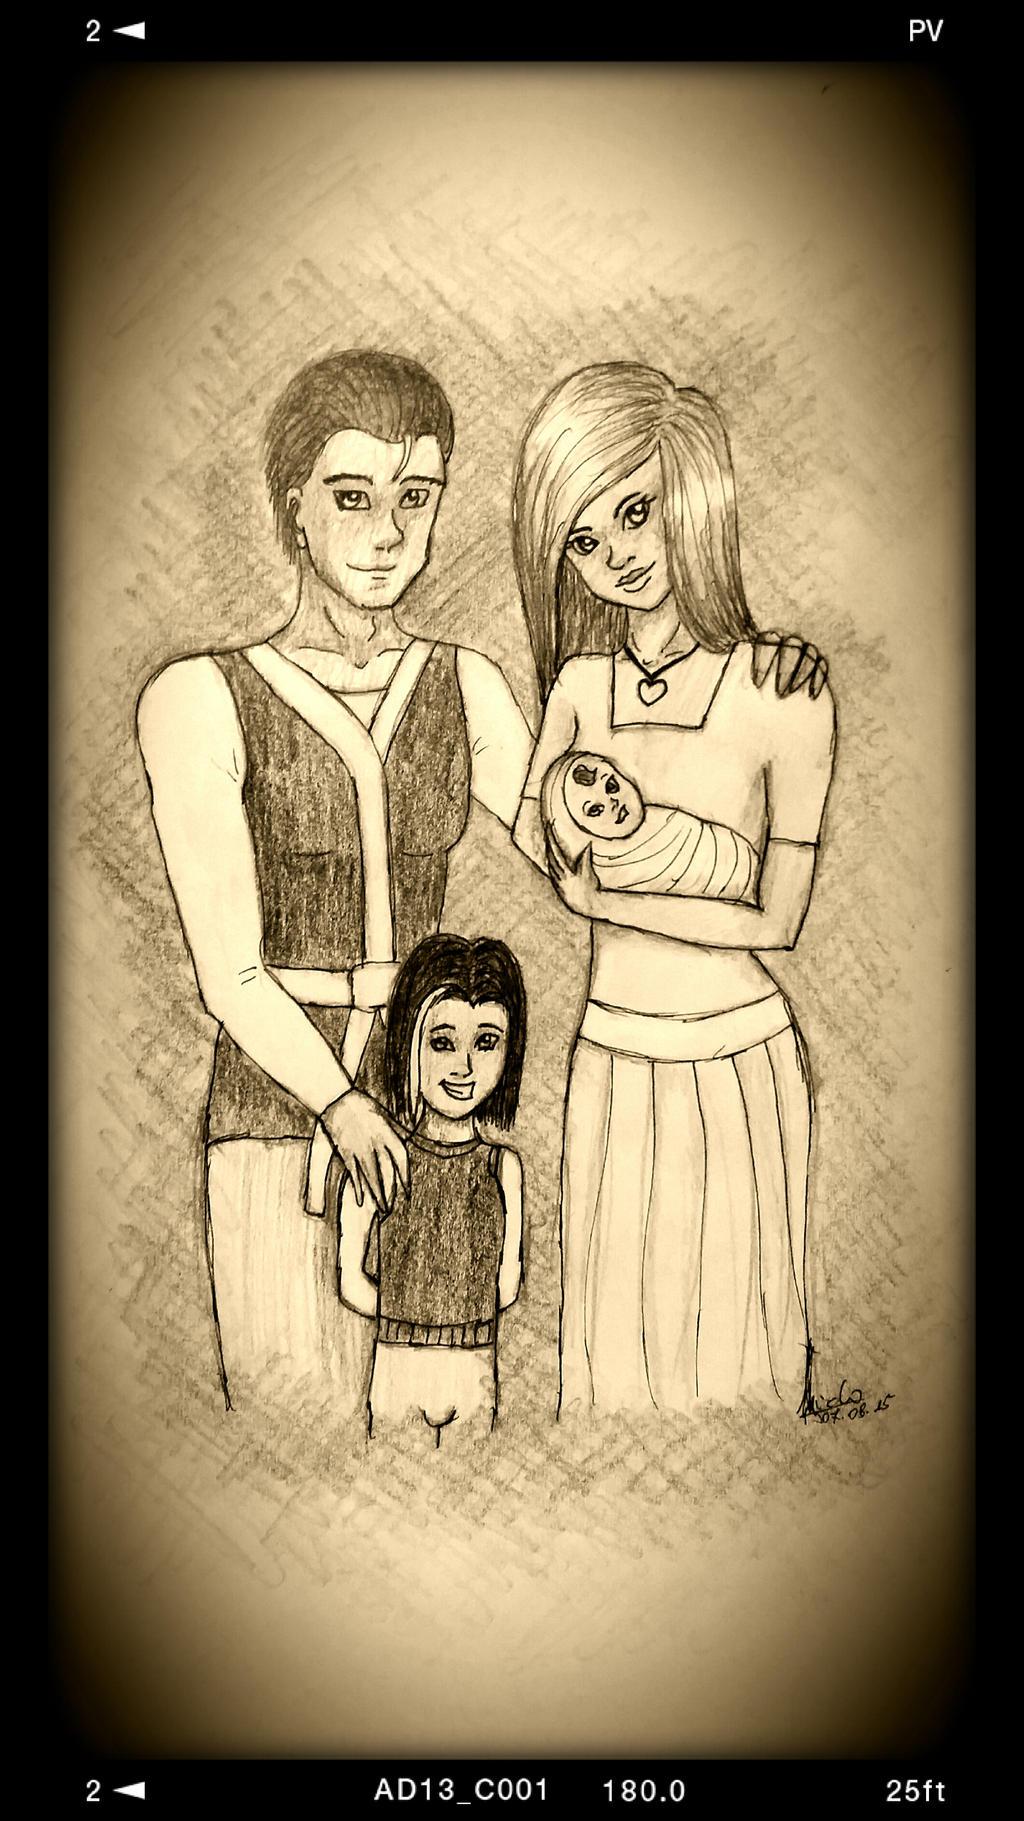 Ninja Aiclo's Family by Aiclo